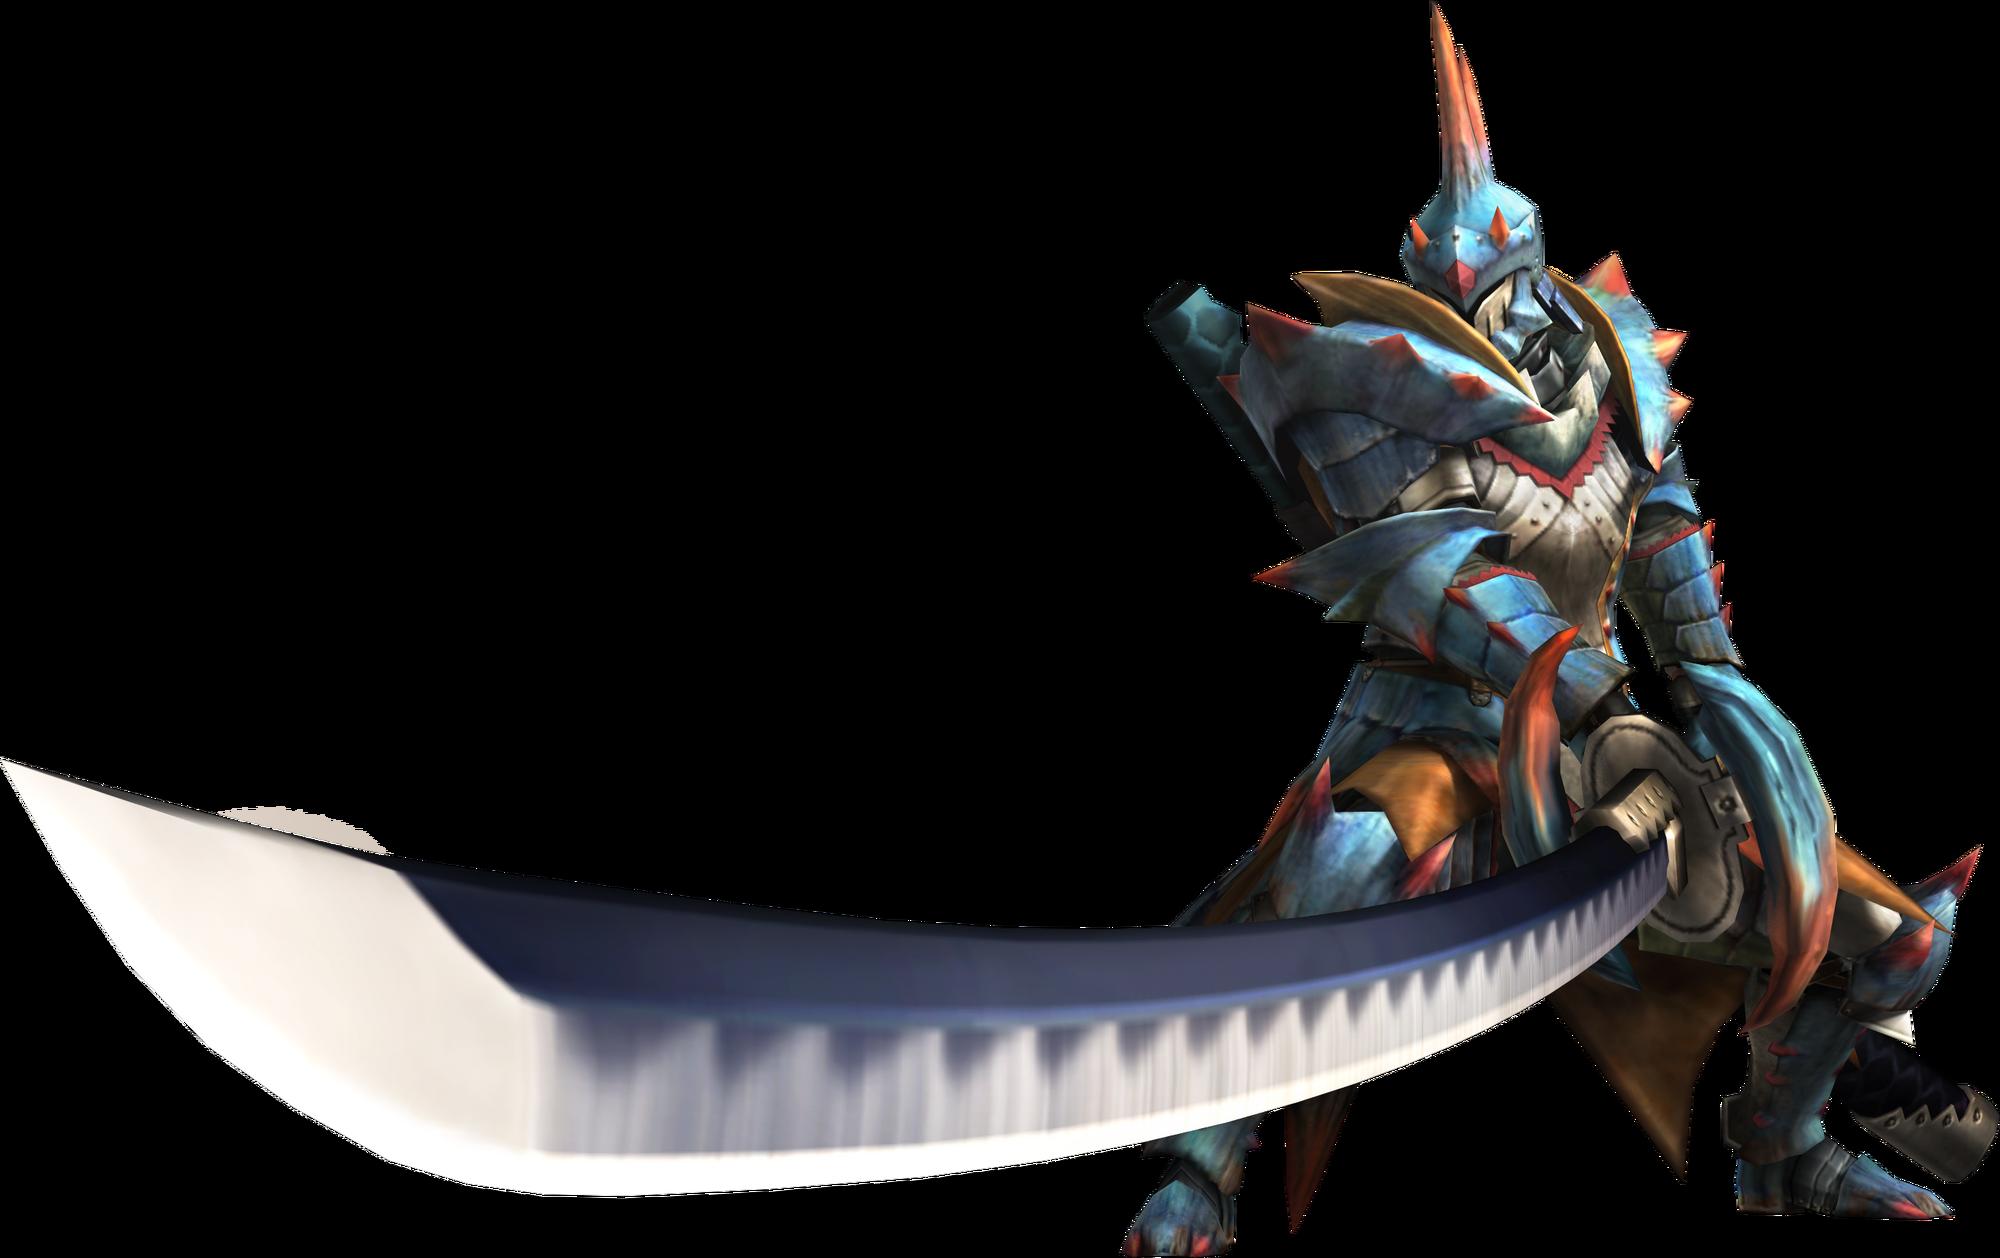 Long Sword | Monster Hunter Wiki | FANDOM powered by Wikia